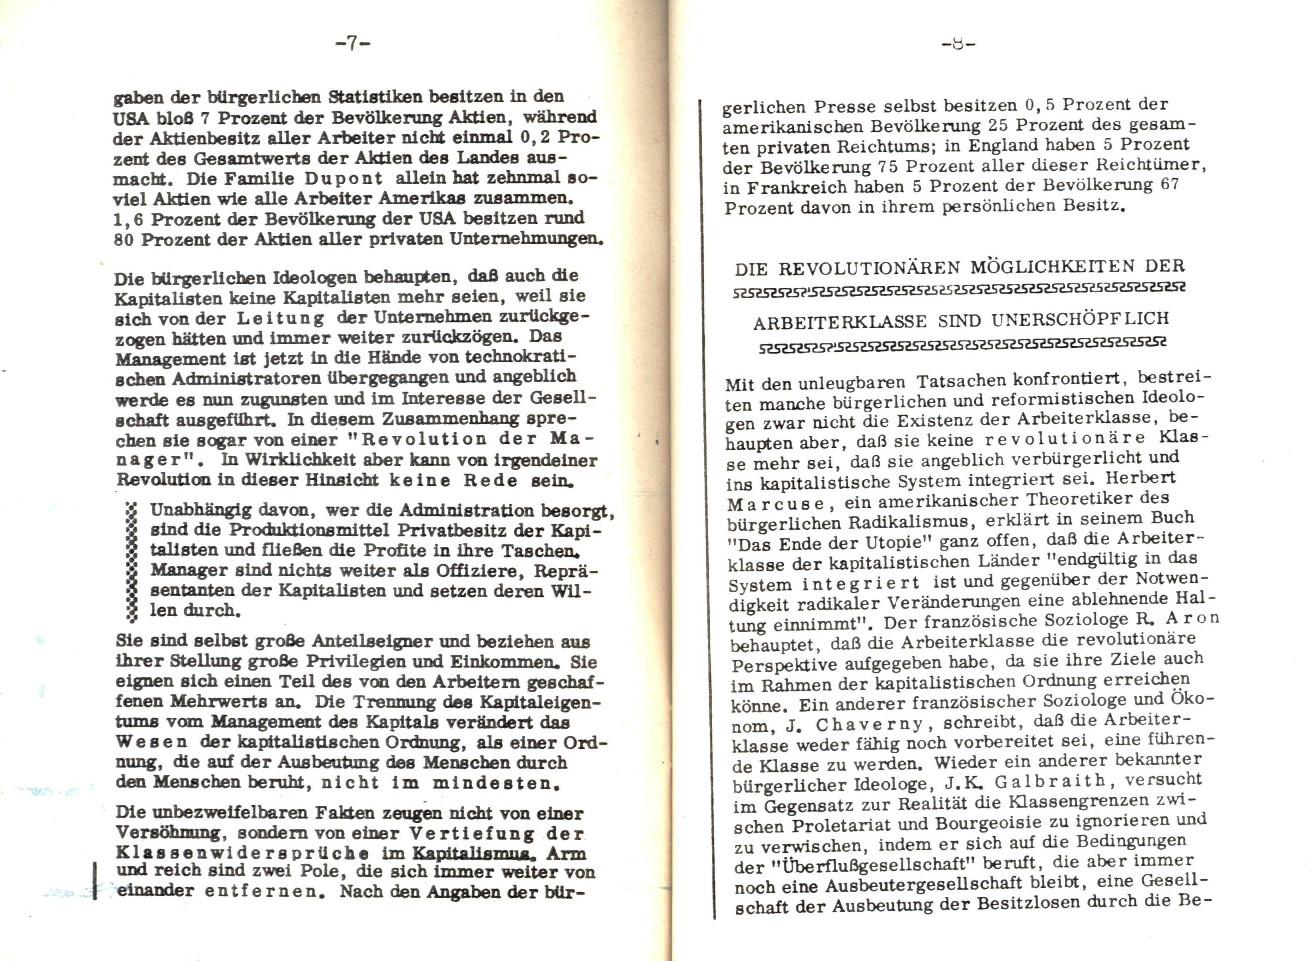 MLSK_Theorie_und_Praxis_des_ML_1978_23_07